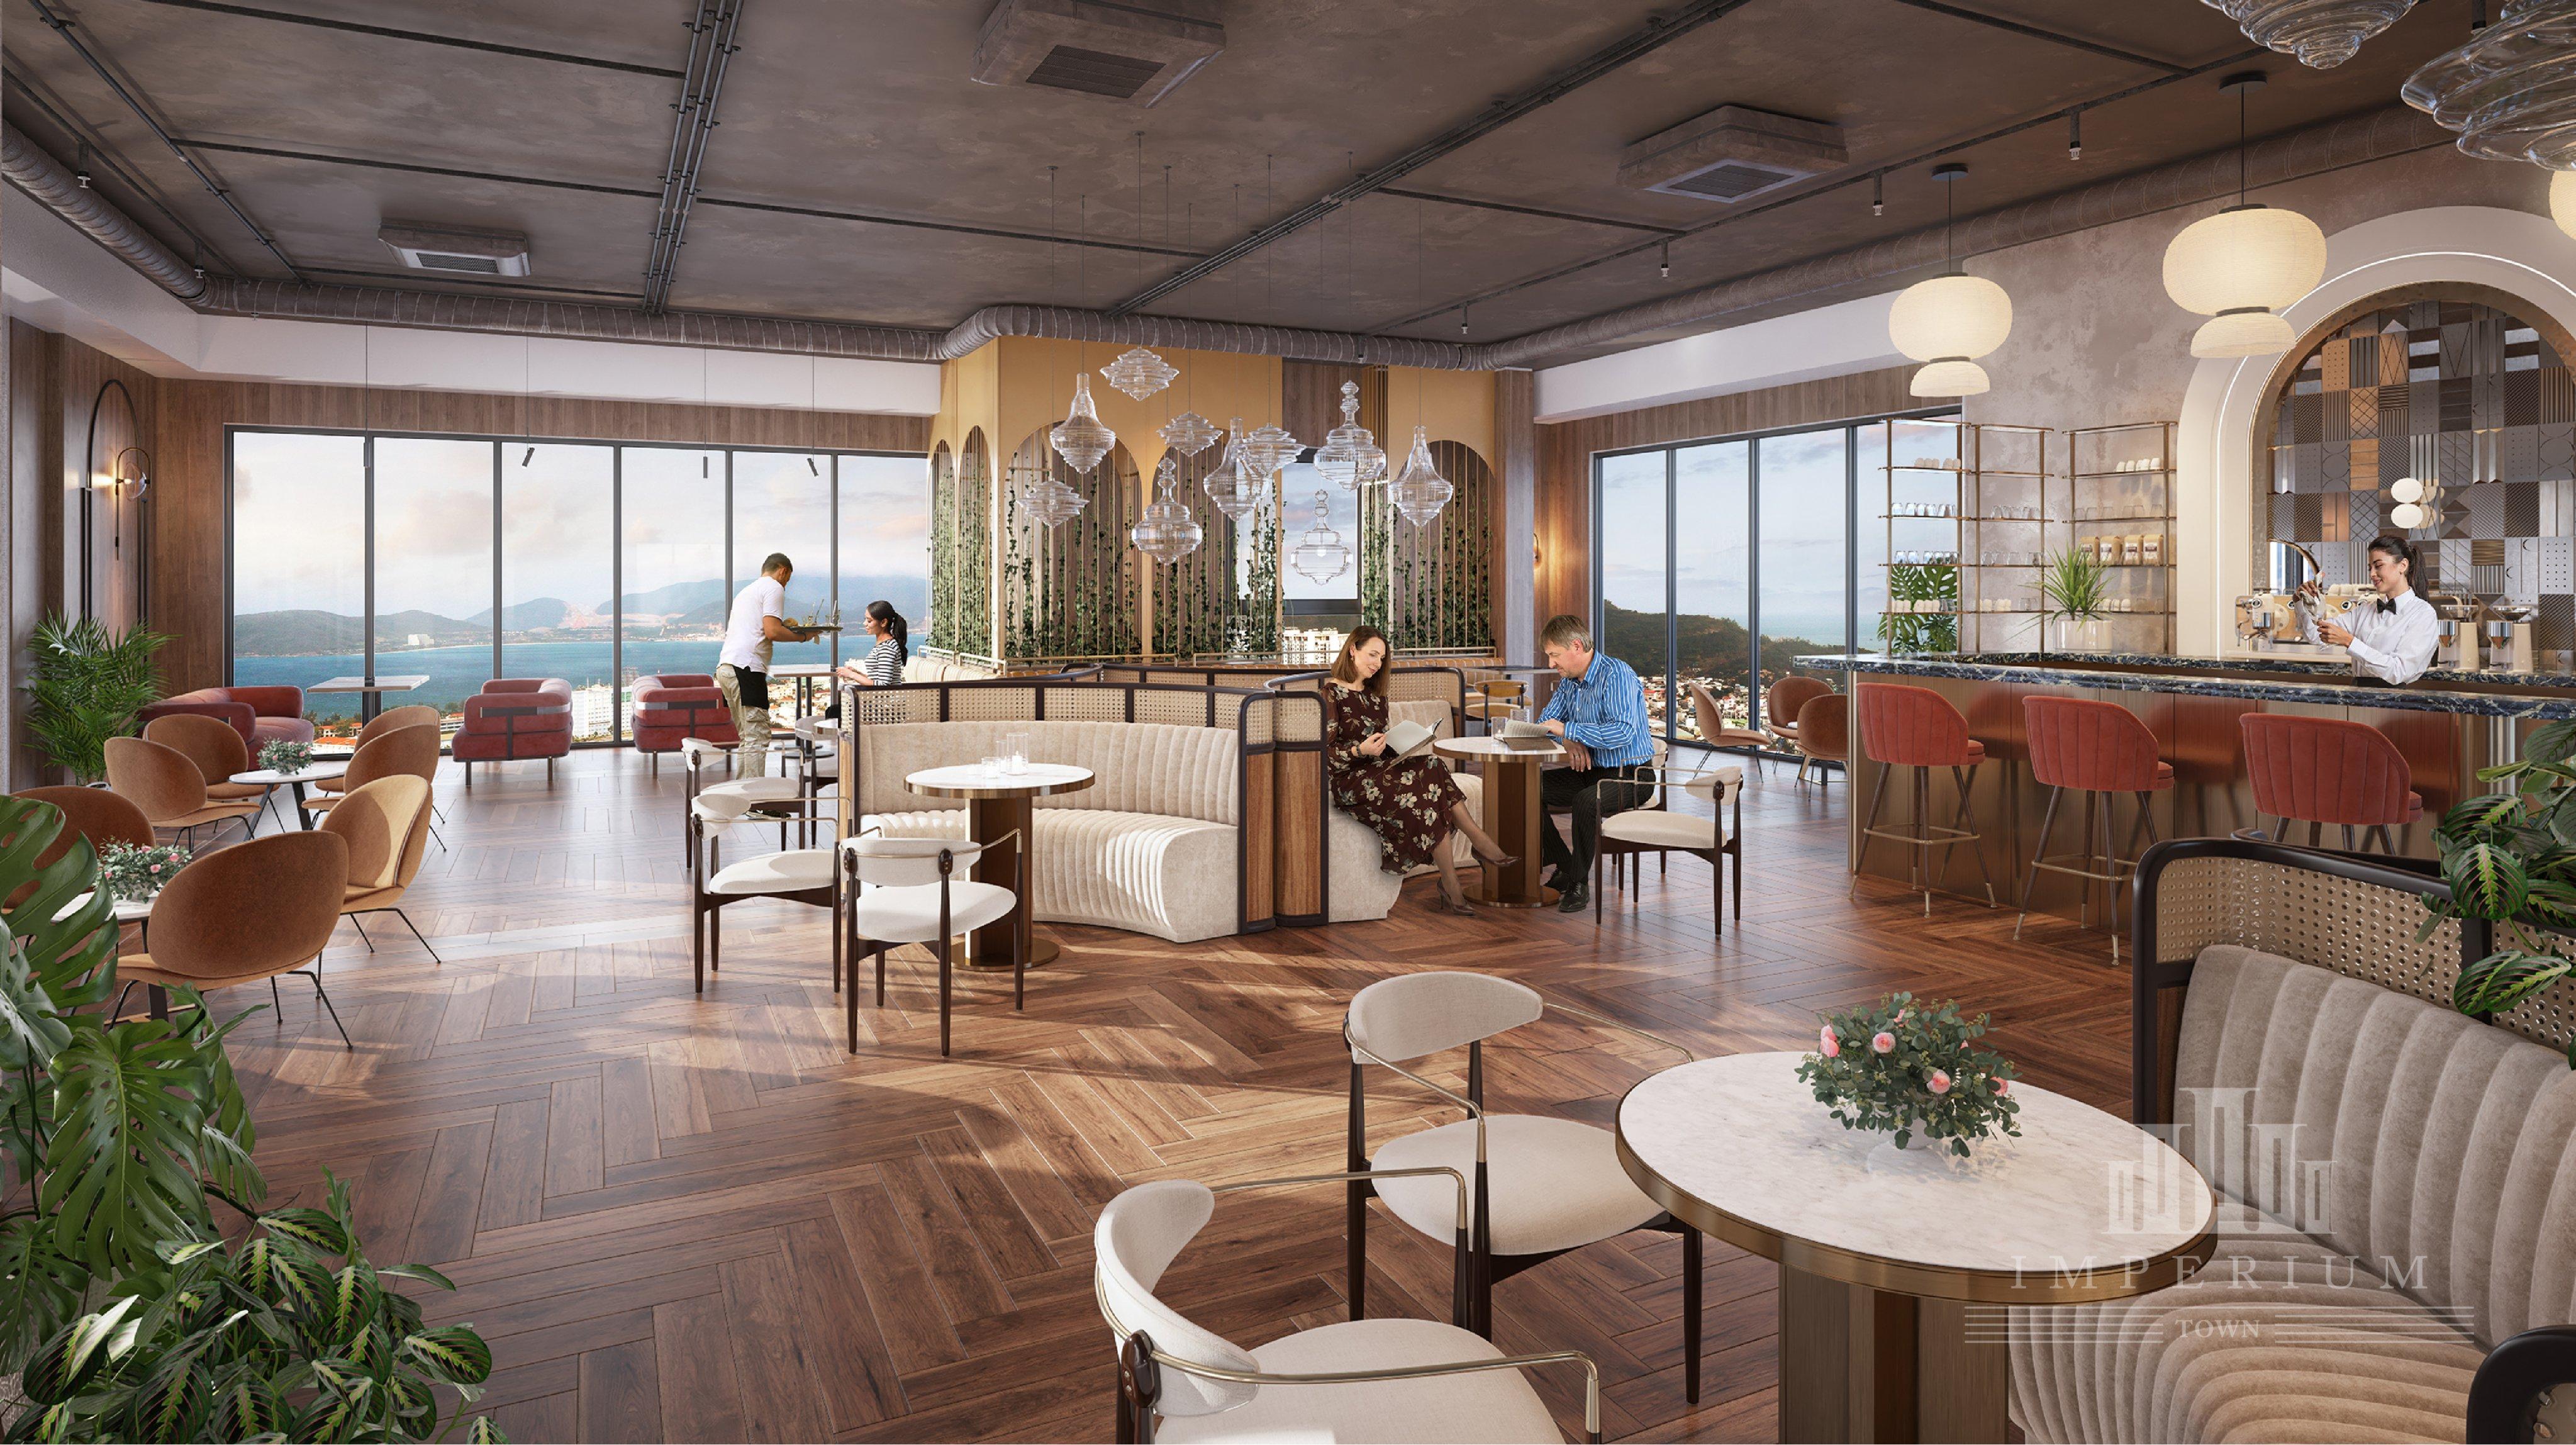 Đất Xanh chính thức mở bán căn hộ cao cấp sở hữu lâu dài tại trung tâm Nha Trang